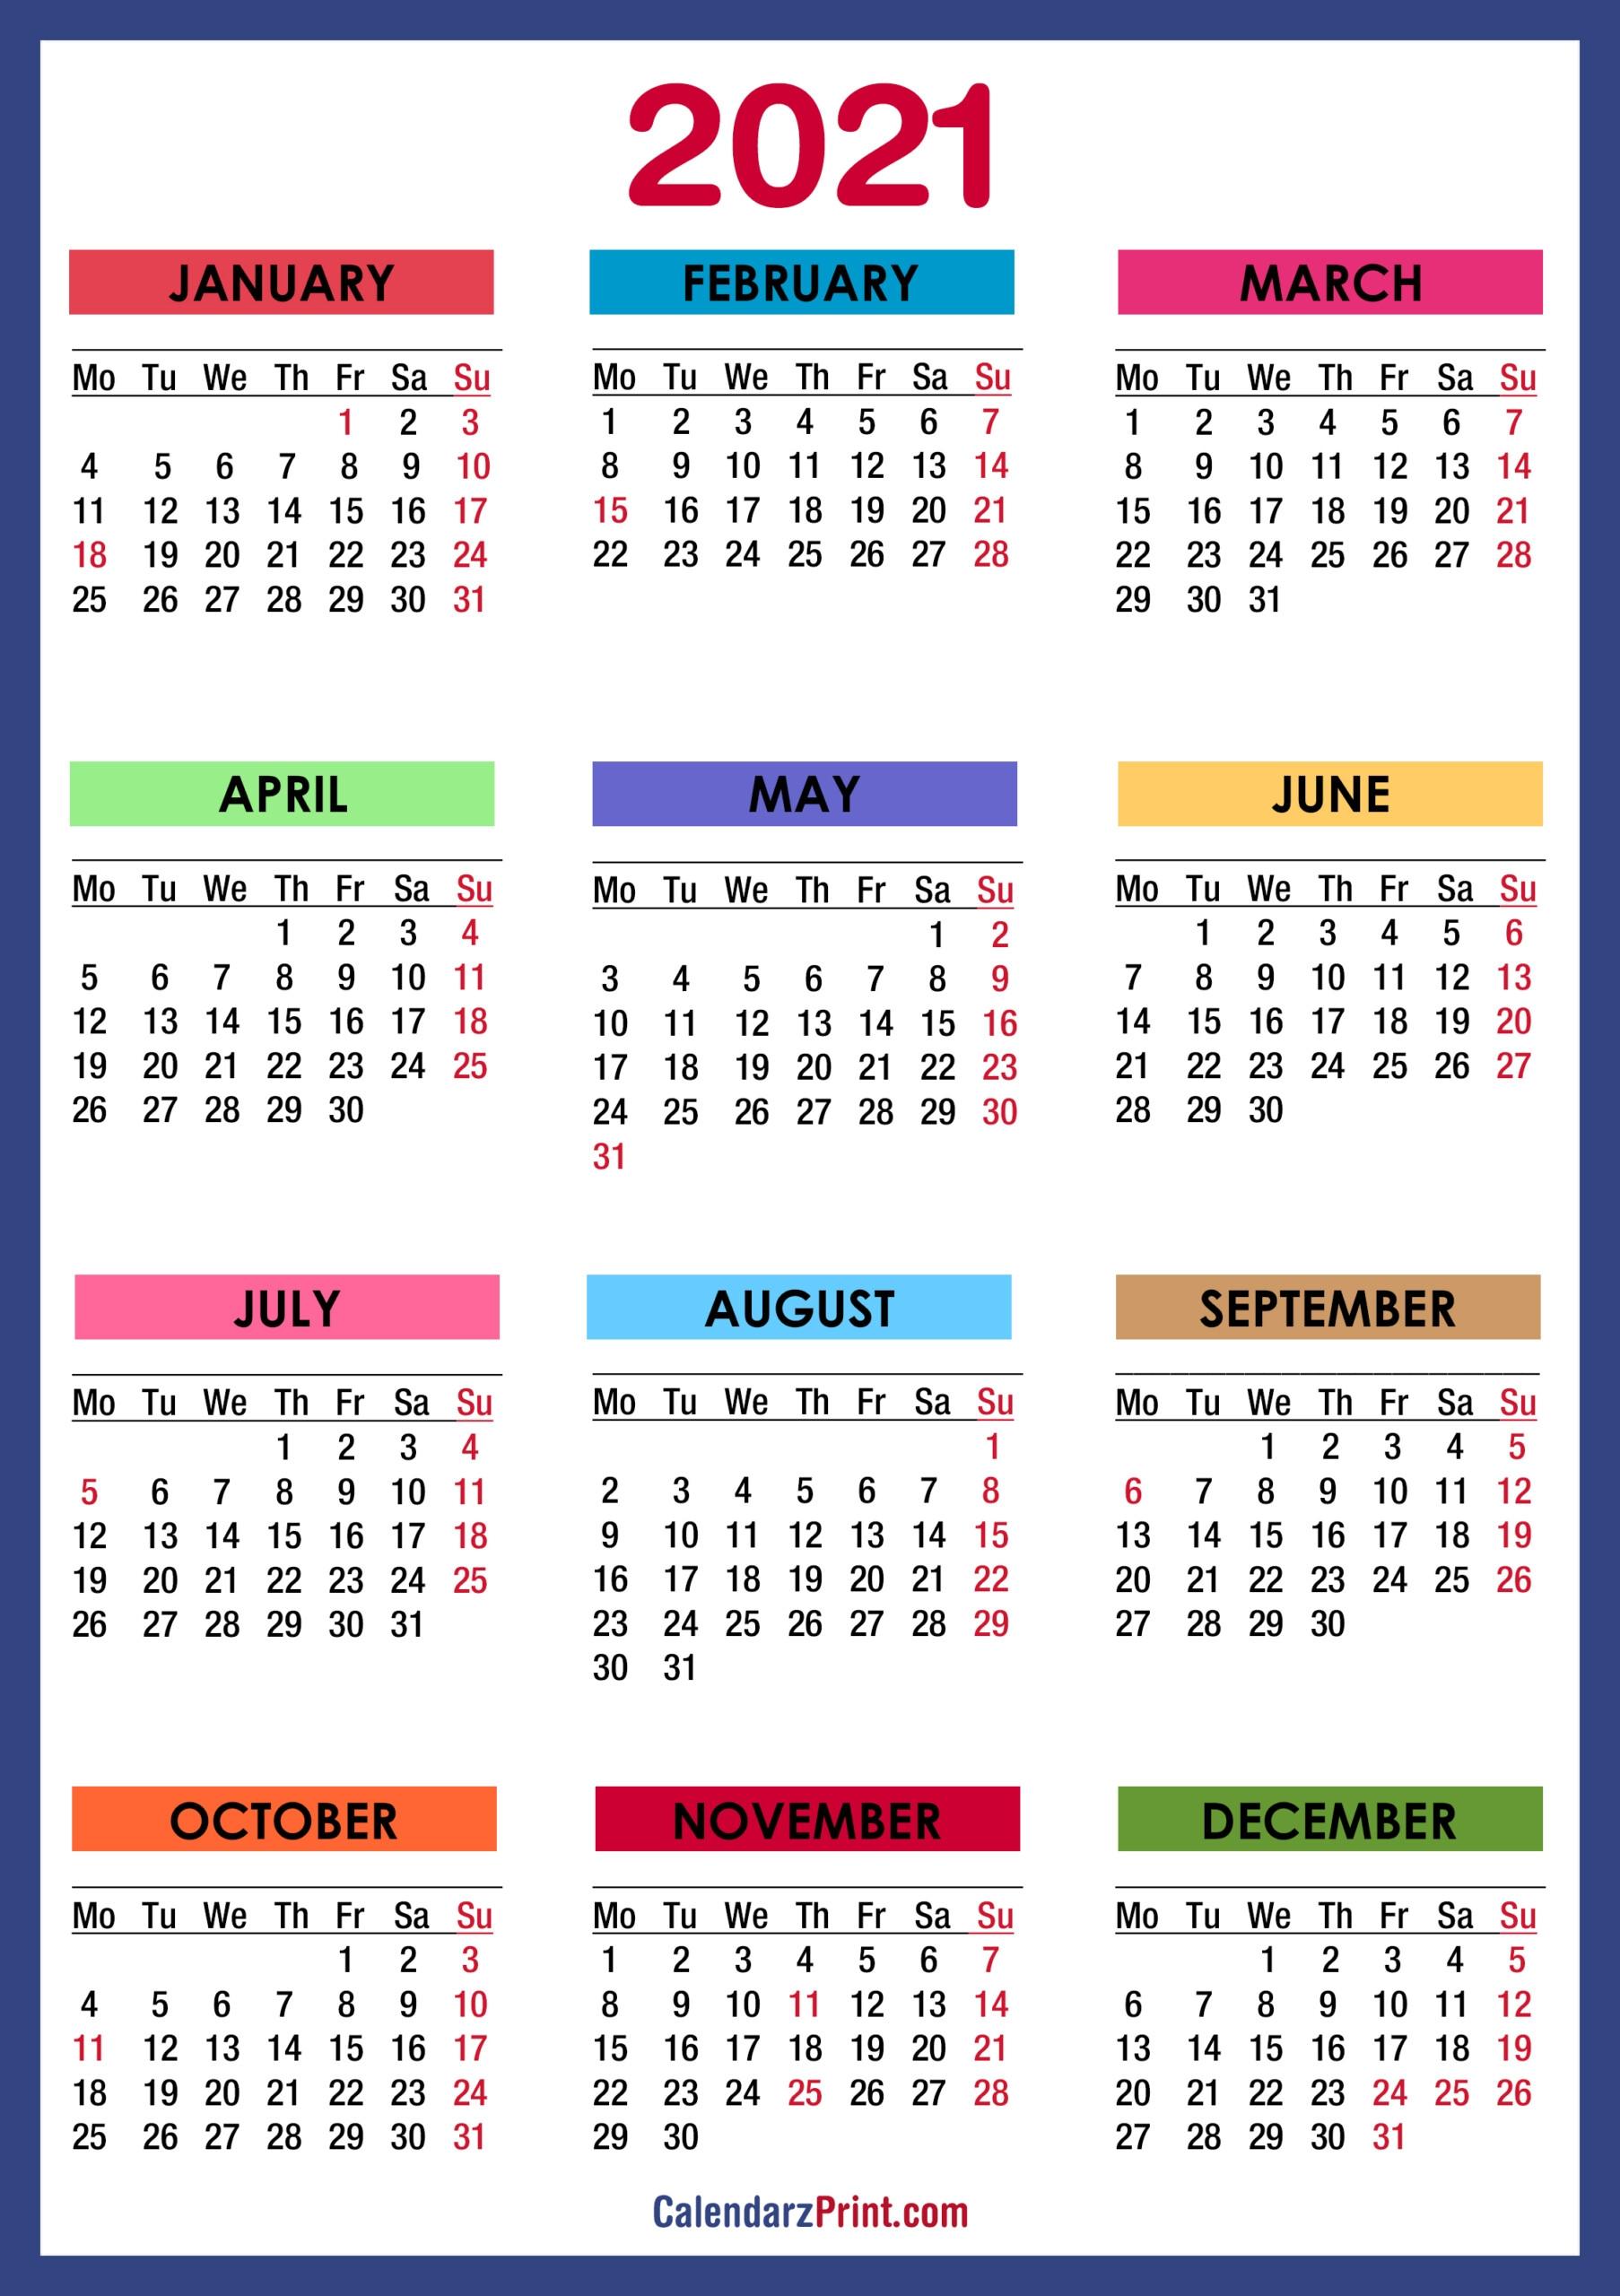 2021 calendar printable with holidays usa 2021 printable calendars::Printable 2021 Calendar By Week